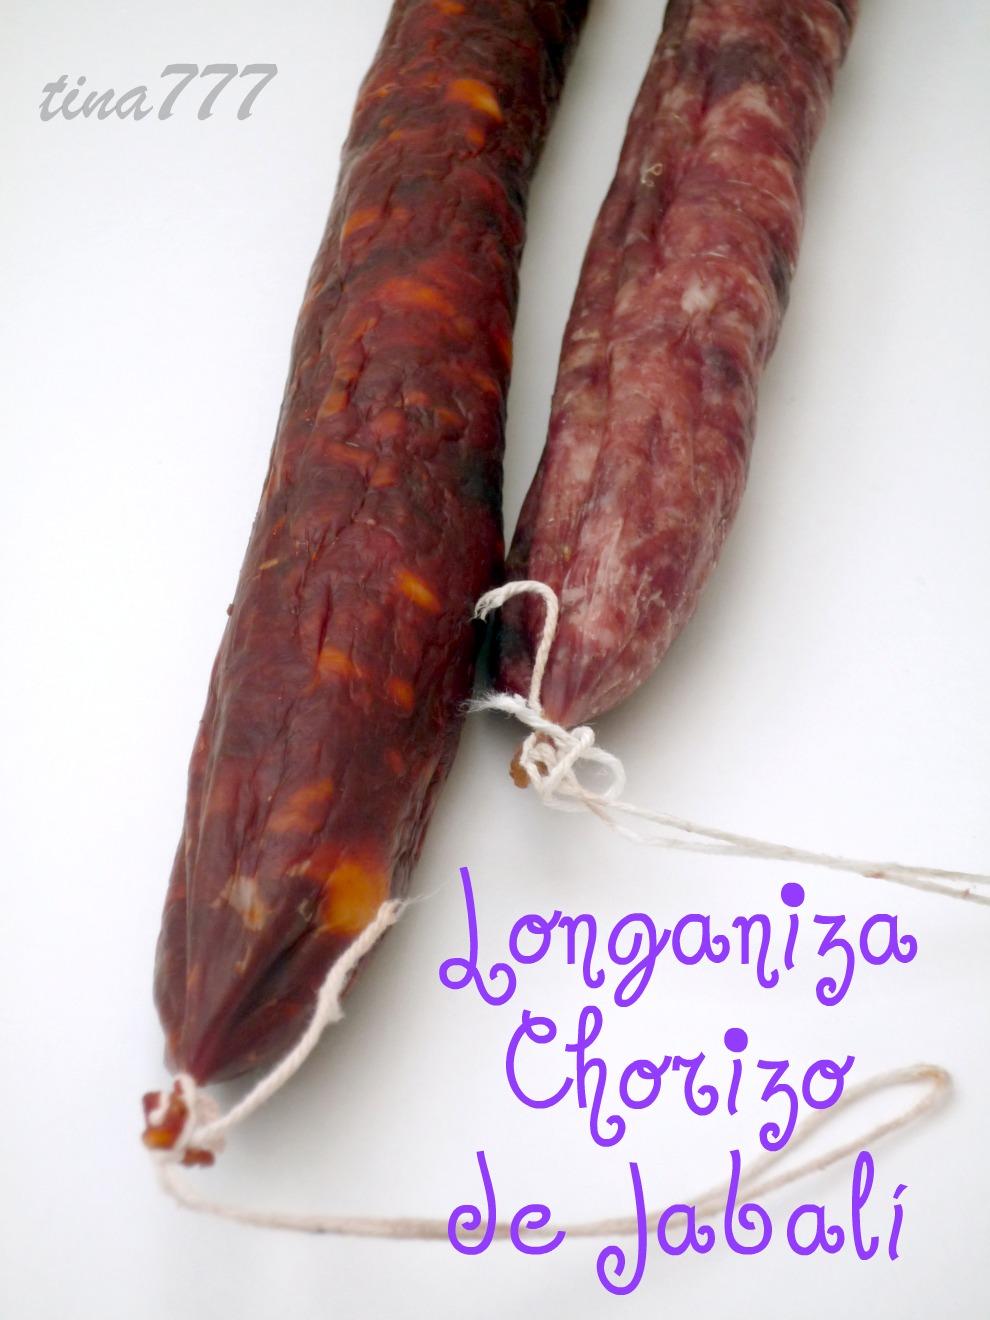 Al Rincón De Cocinar Chorizo Y Longaniza De Jabalí I Concurso De Comida Silvestre